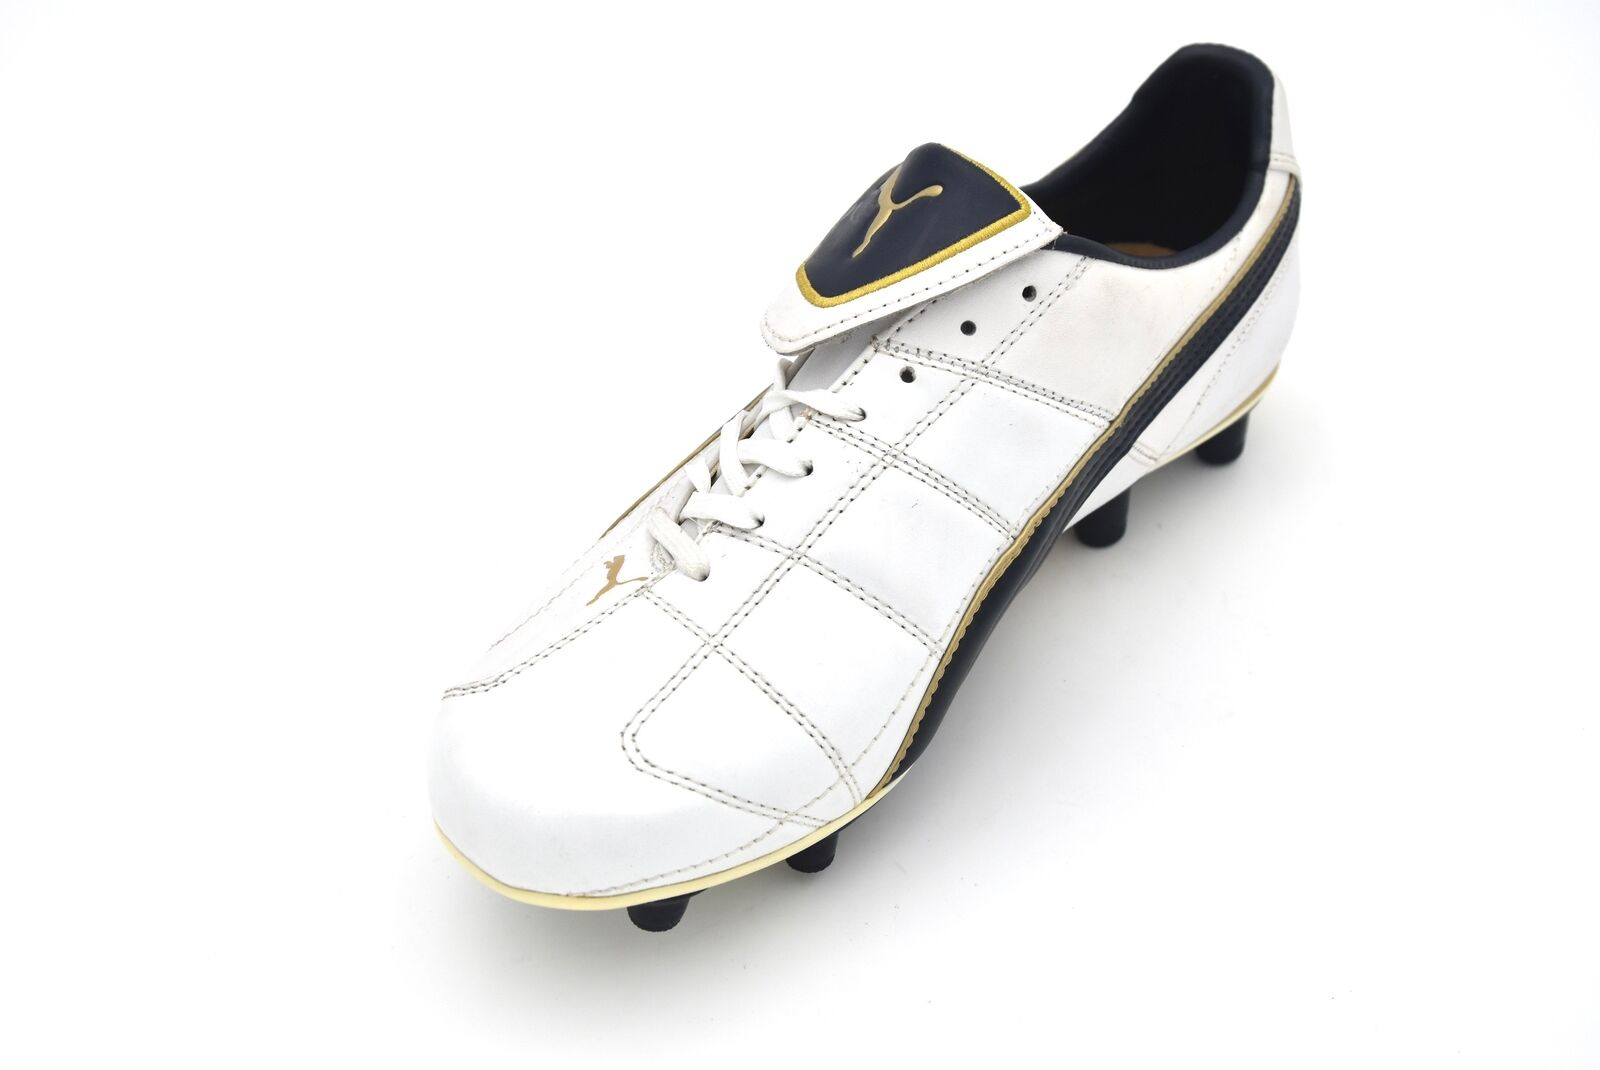 PUMA Homme Chaussures DEPORTIVAS Chaussures DE FÚTBOL ART. 101595 01 LIGA XL I FG